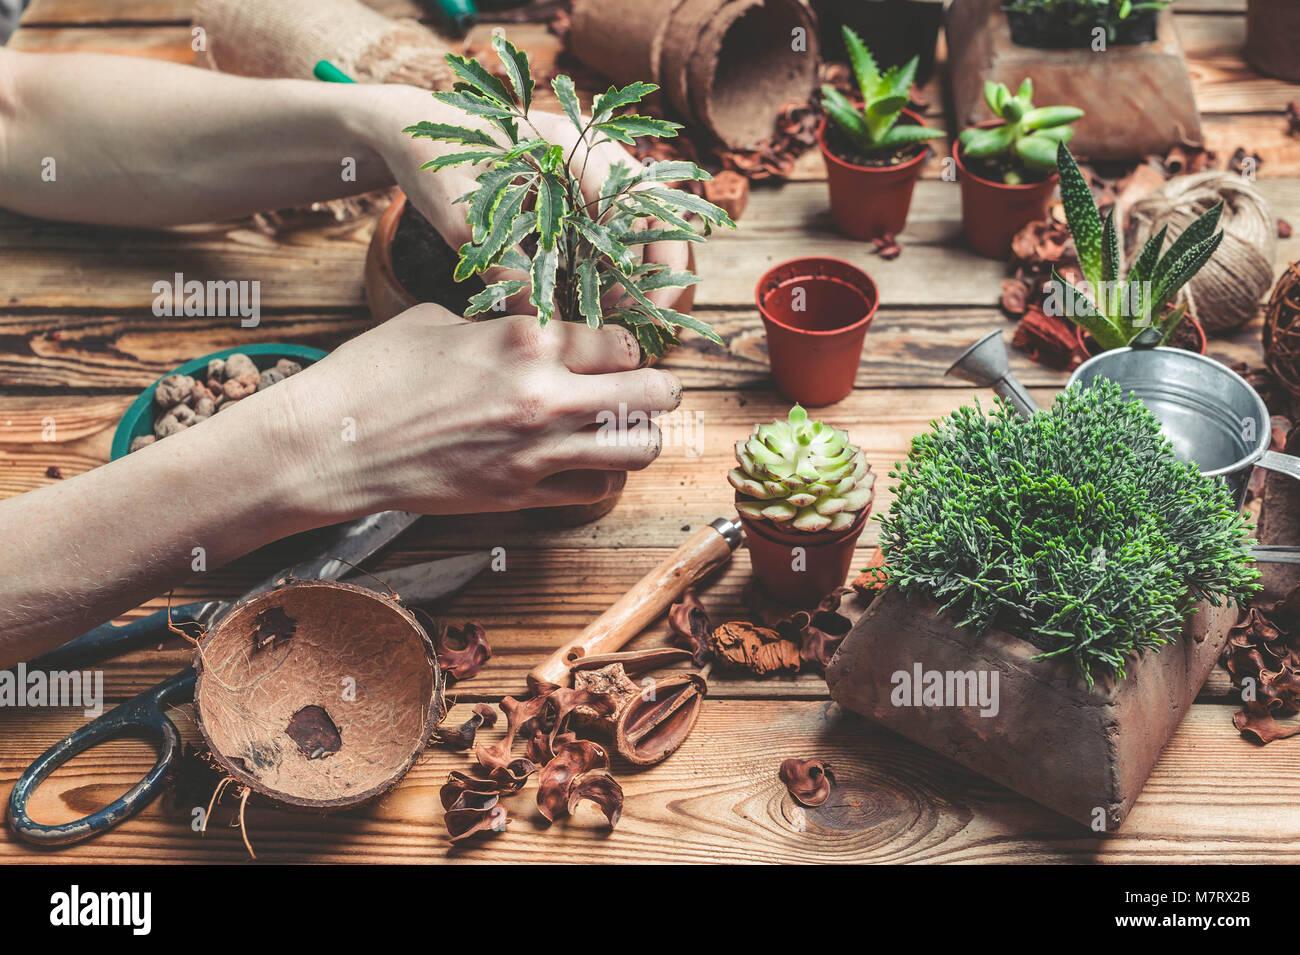 La floristería detrás de trabajo. Las manos de la floristería sustituir una planta en un recipiente nuevo. Suculentas y cactus en una mesa de madera Foto de stock